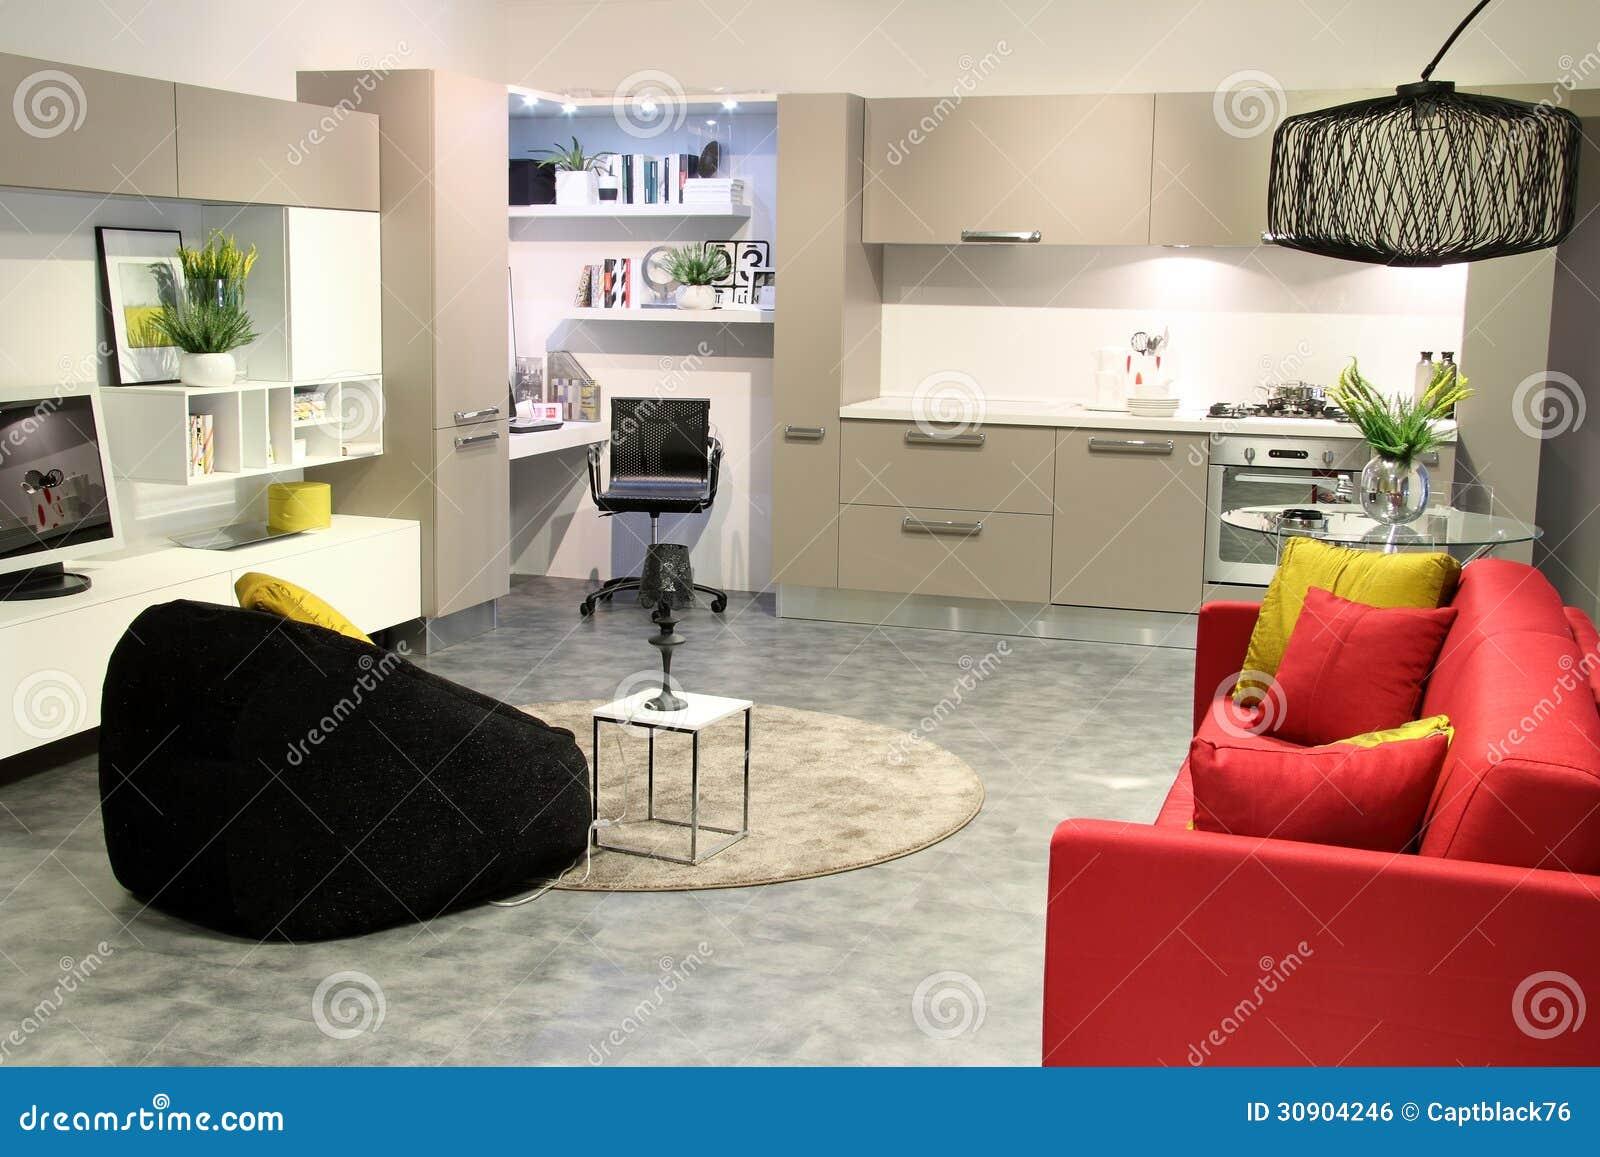 Bunte Moderne Küche Und Wohnzimmer Stockfoto - Bild von wanne, leben ...